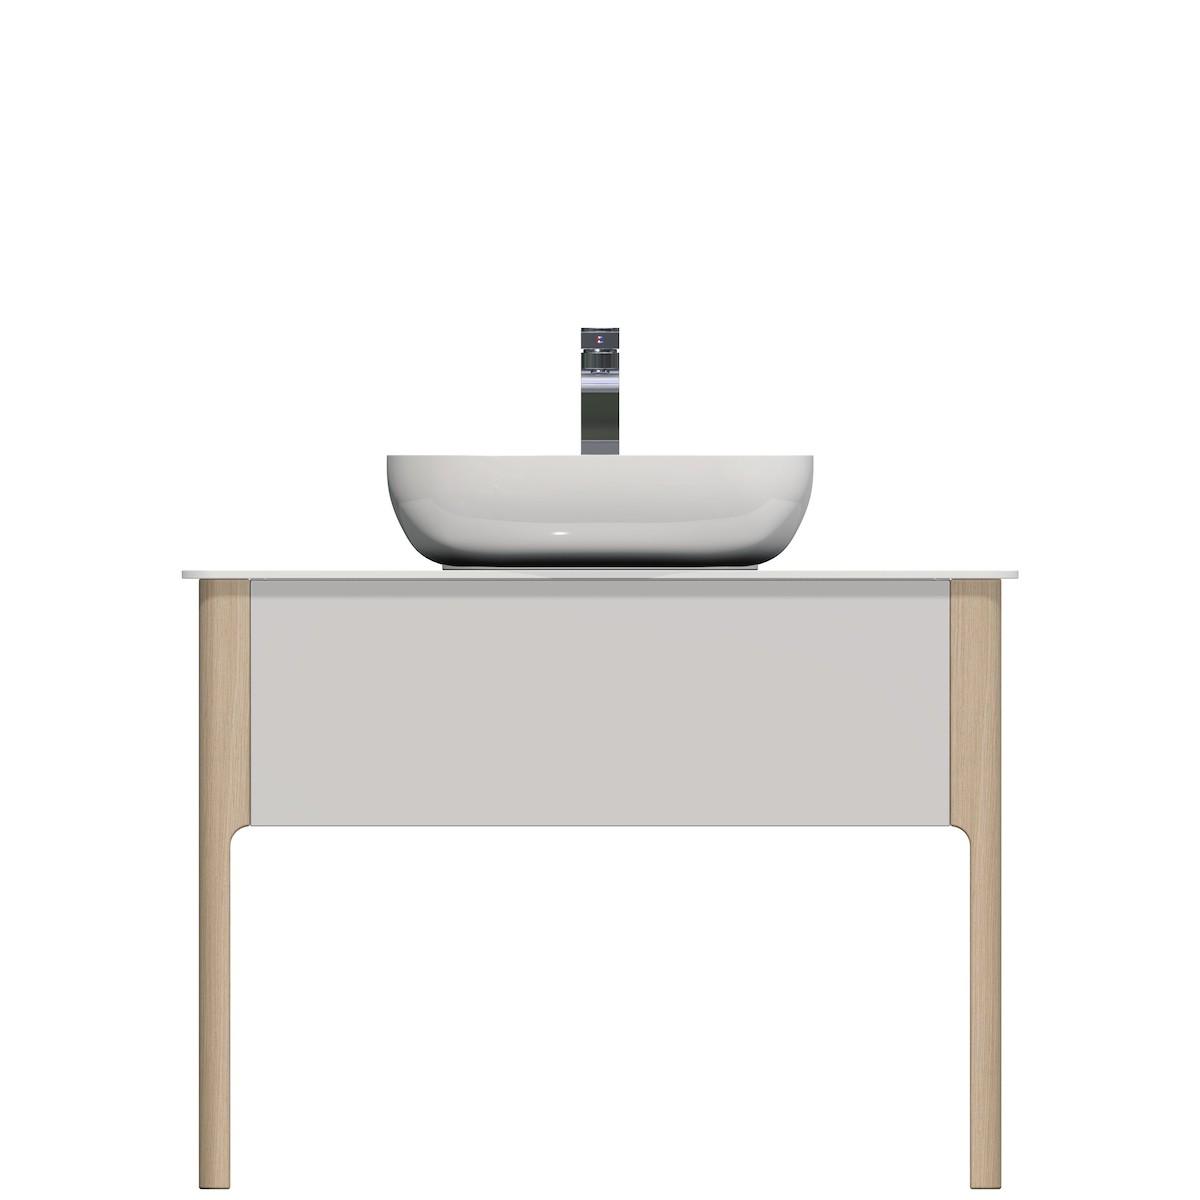 Kúpeľňová skrinka pod umývadlo Naturel Skandinavia 98x55 cm biela SCAN98.1Z.9016G